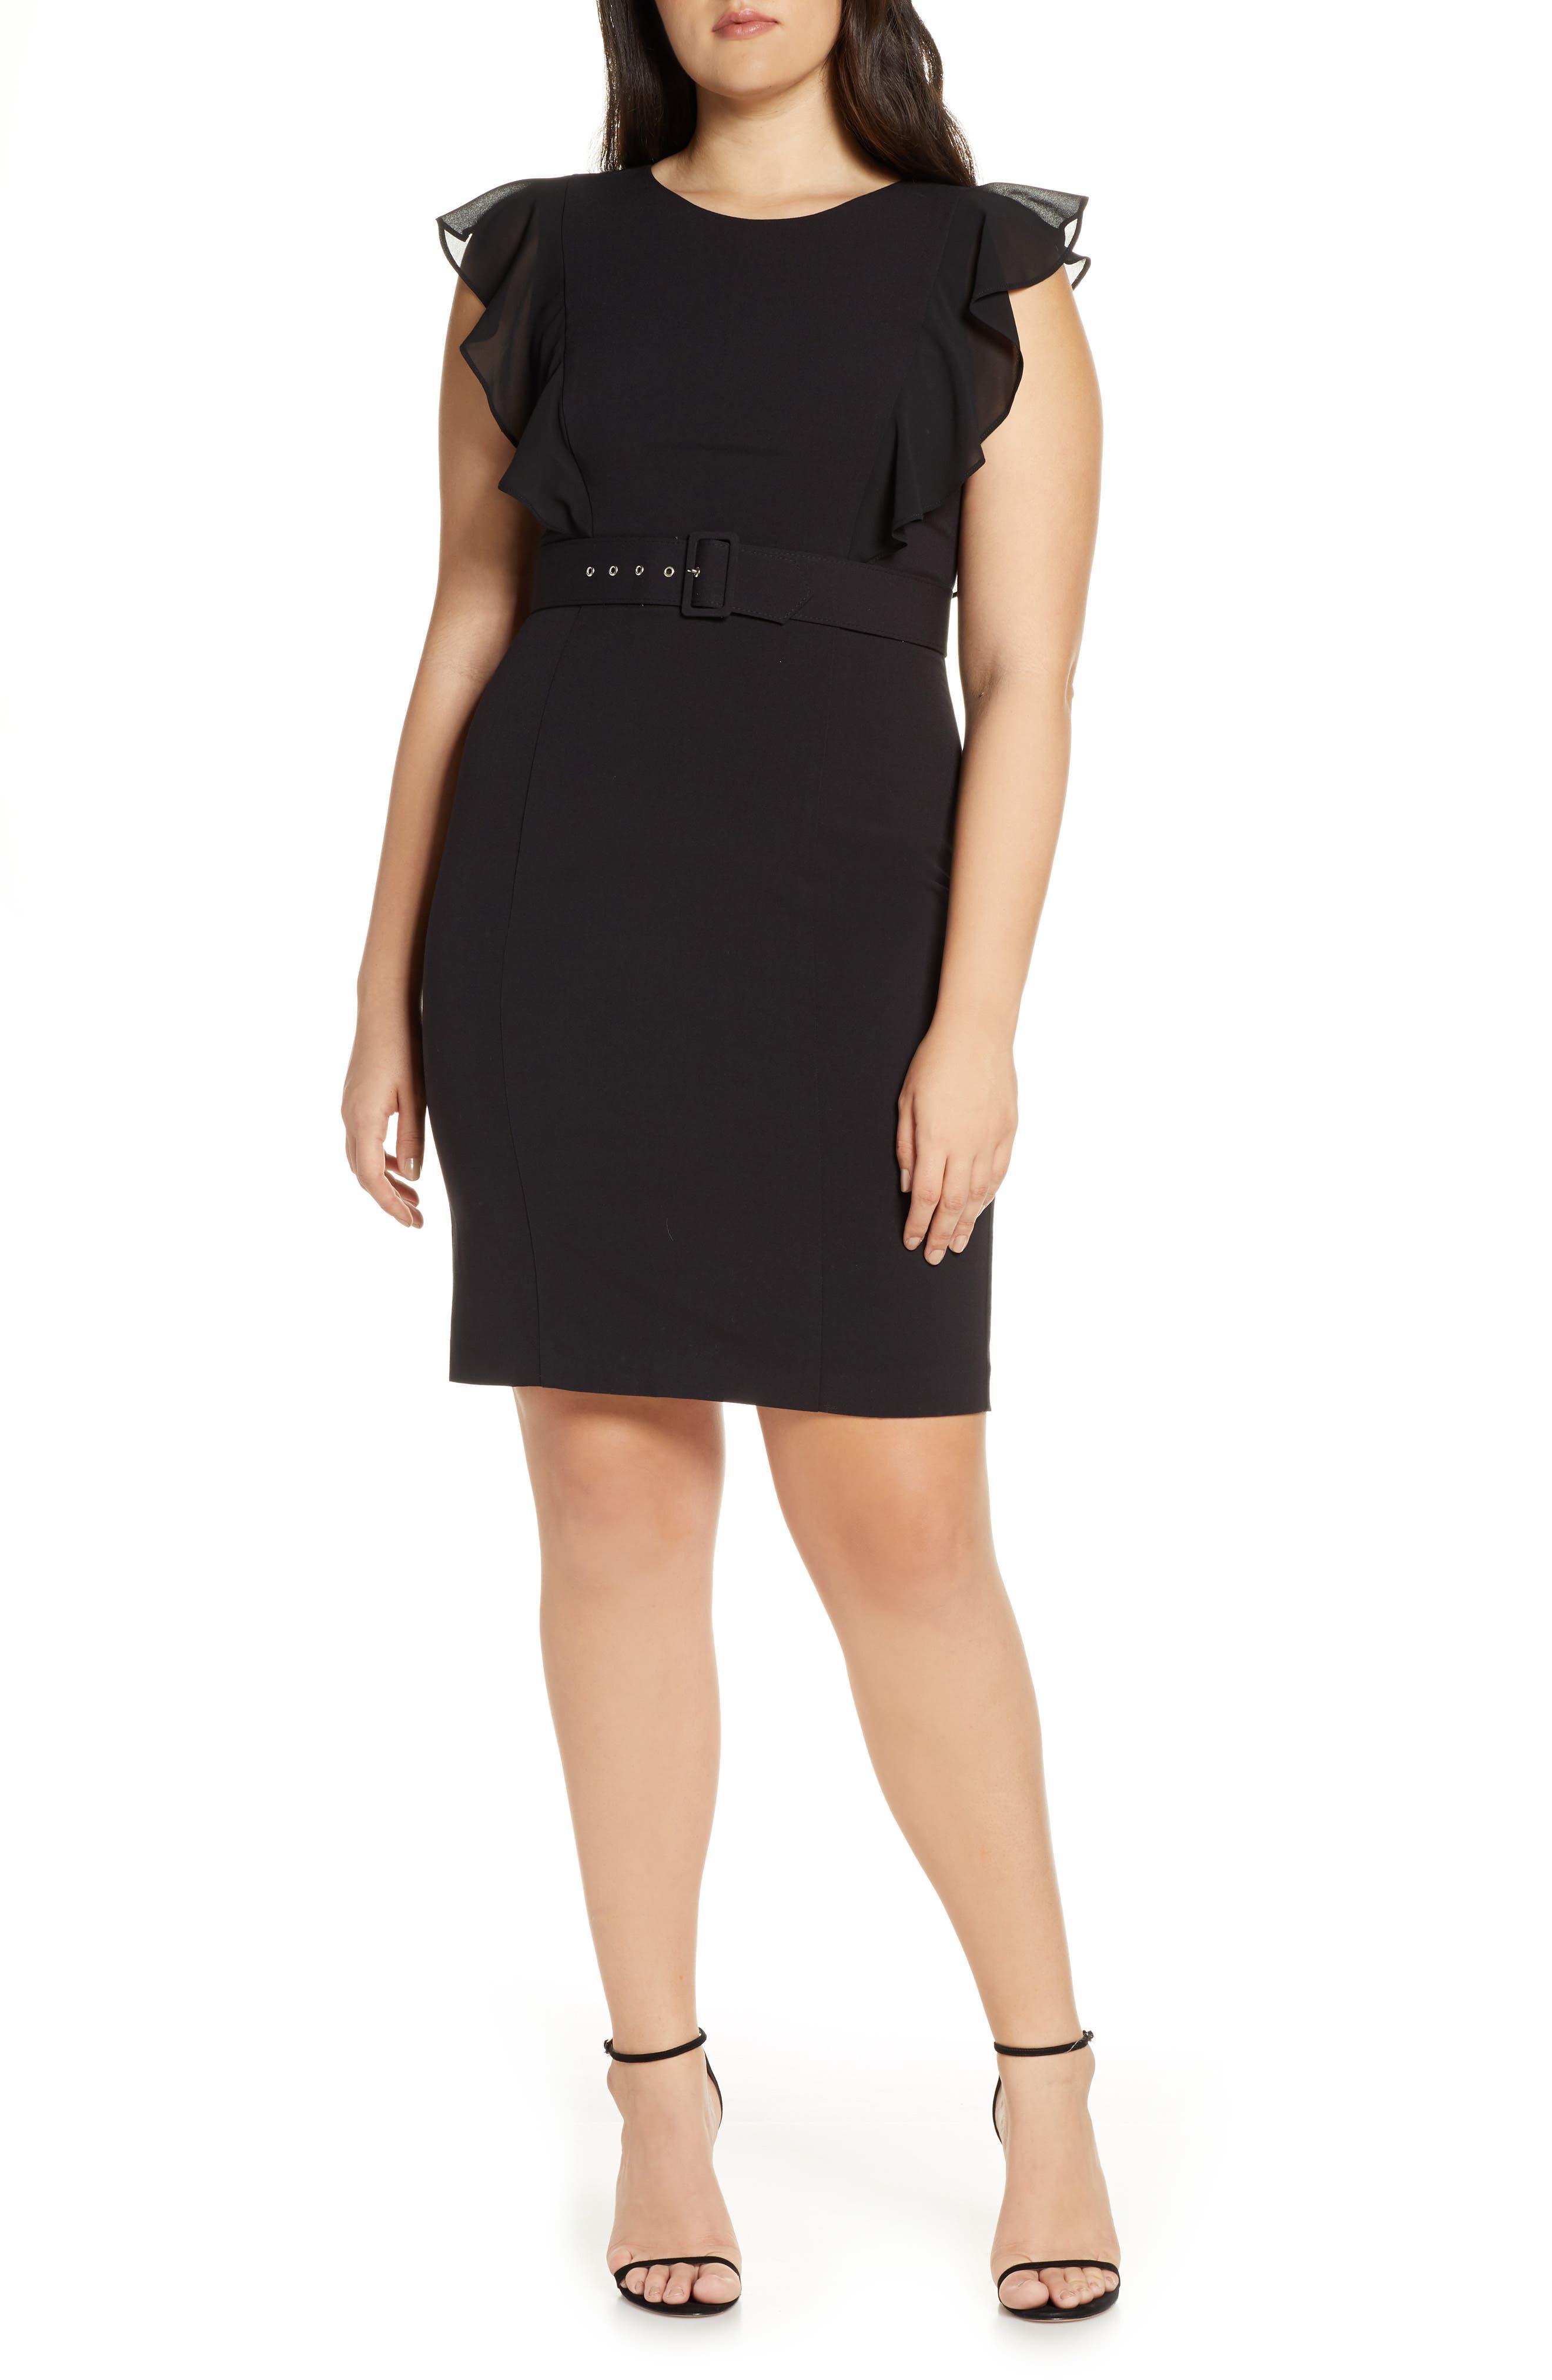 HARPER ROSE, Belted Sheath Dress, Alternate thumbnail 2, color, 001